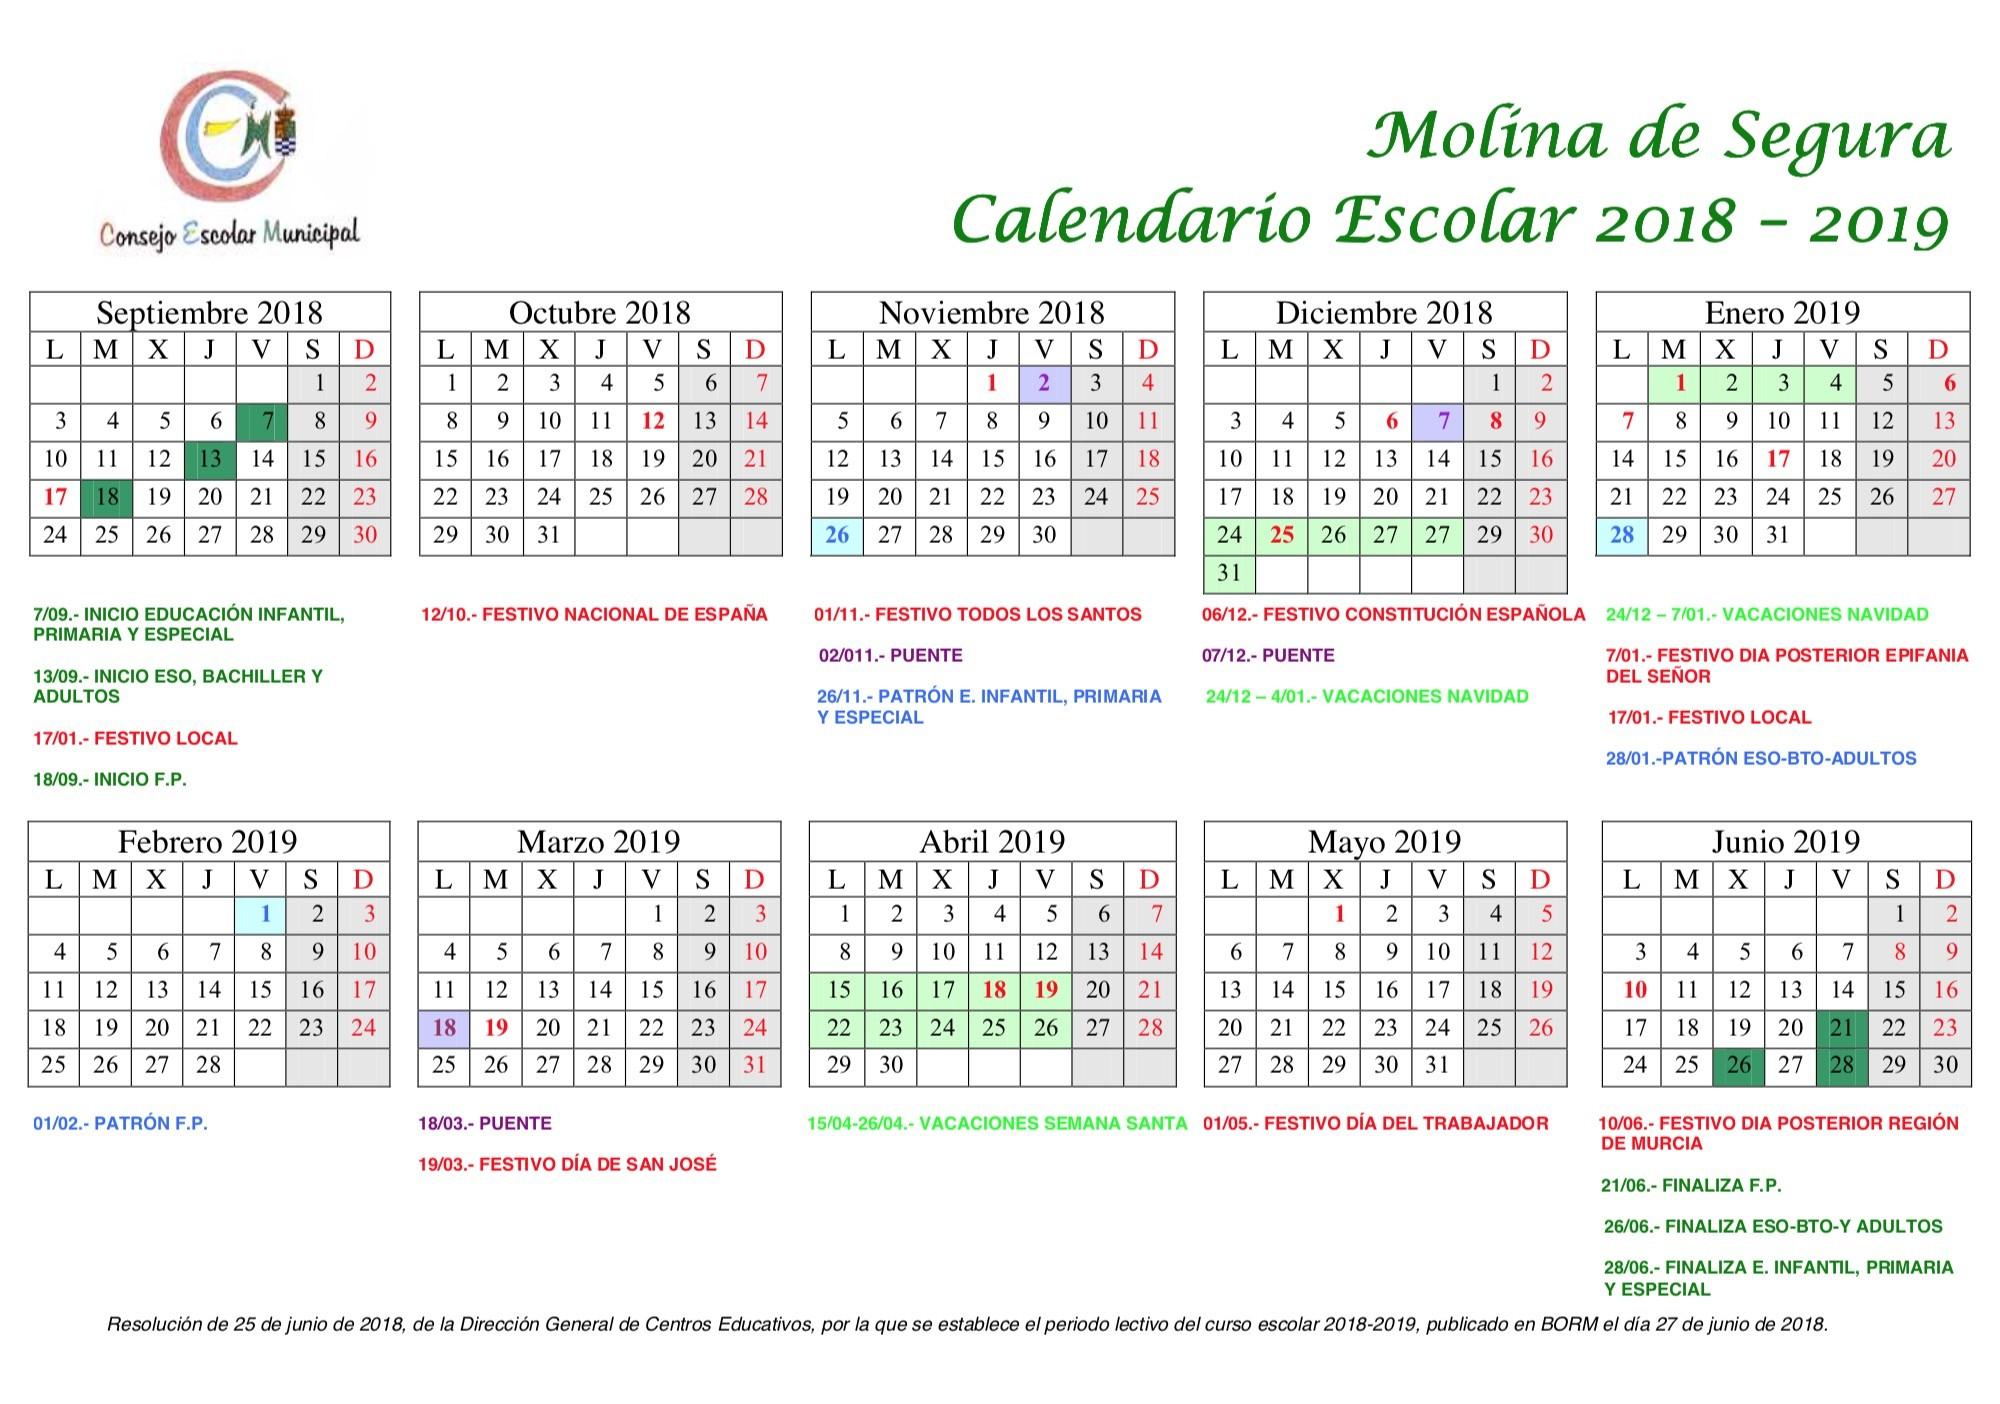 Calendario Escolar 2019 A Más Recientemente Liberado Calendario Escolar 2018 2019 – Colegio El Taller Of Calendario Escolar 2019 A Más Caliente Calendario Escolar